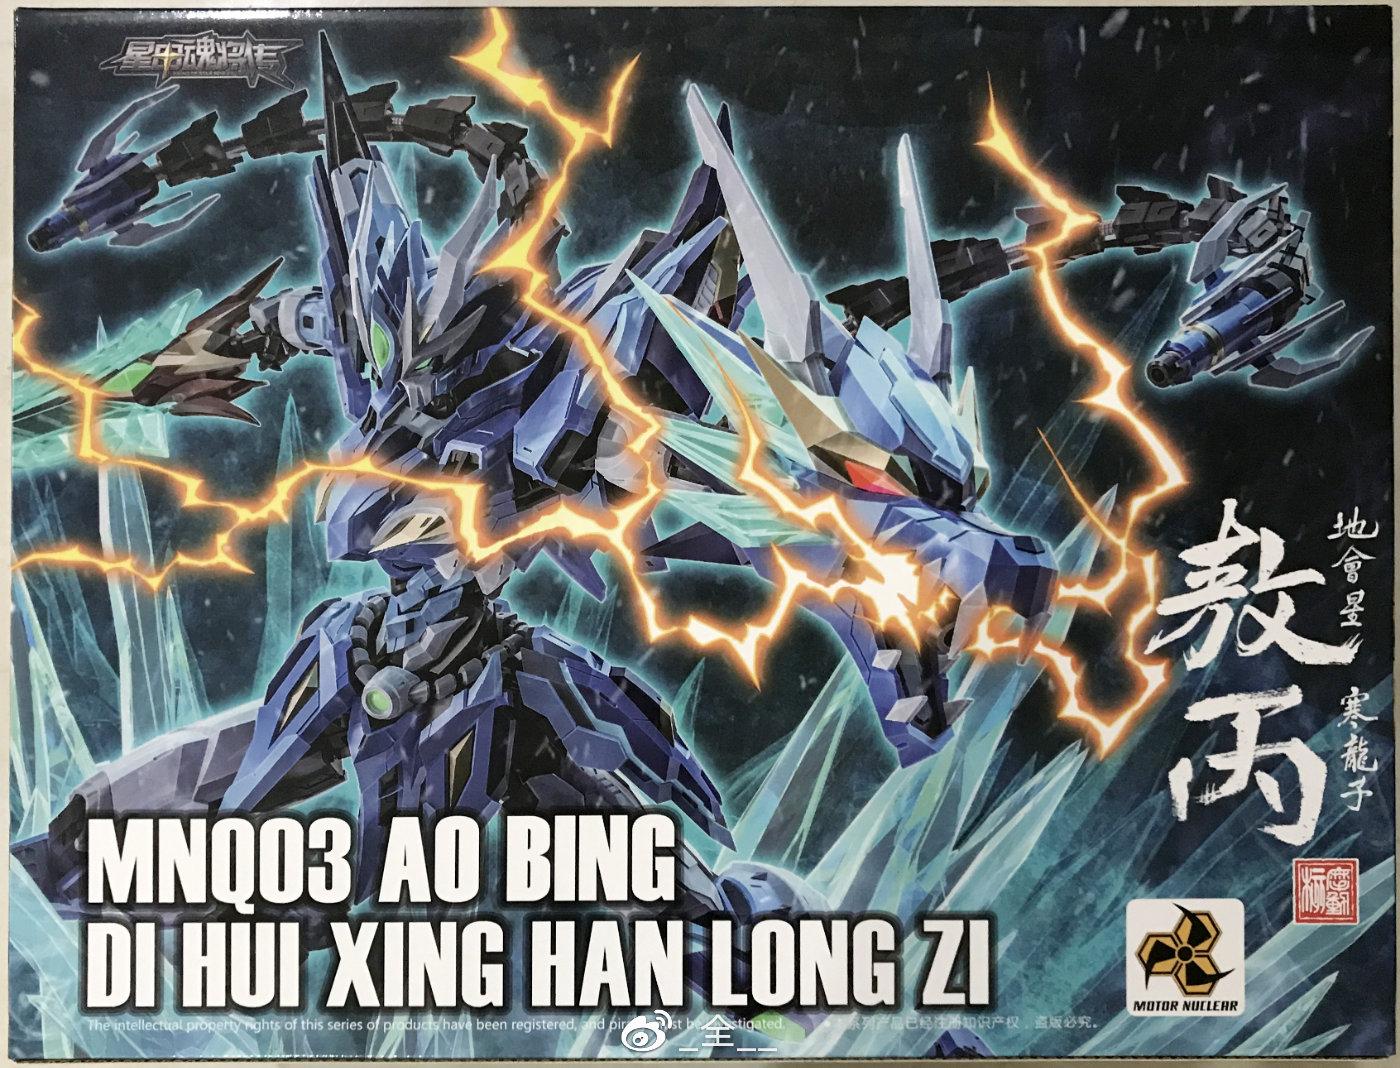 S470_MOTOR_NUCLEAR_MN_Q03_blue_gragon_ao_bing_di_hui_xing_han_long_zi_005.jpg